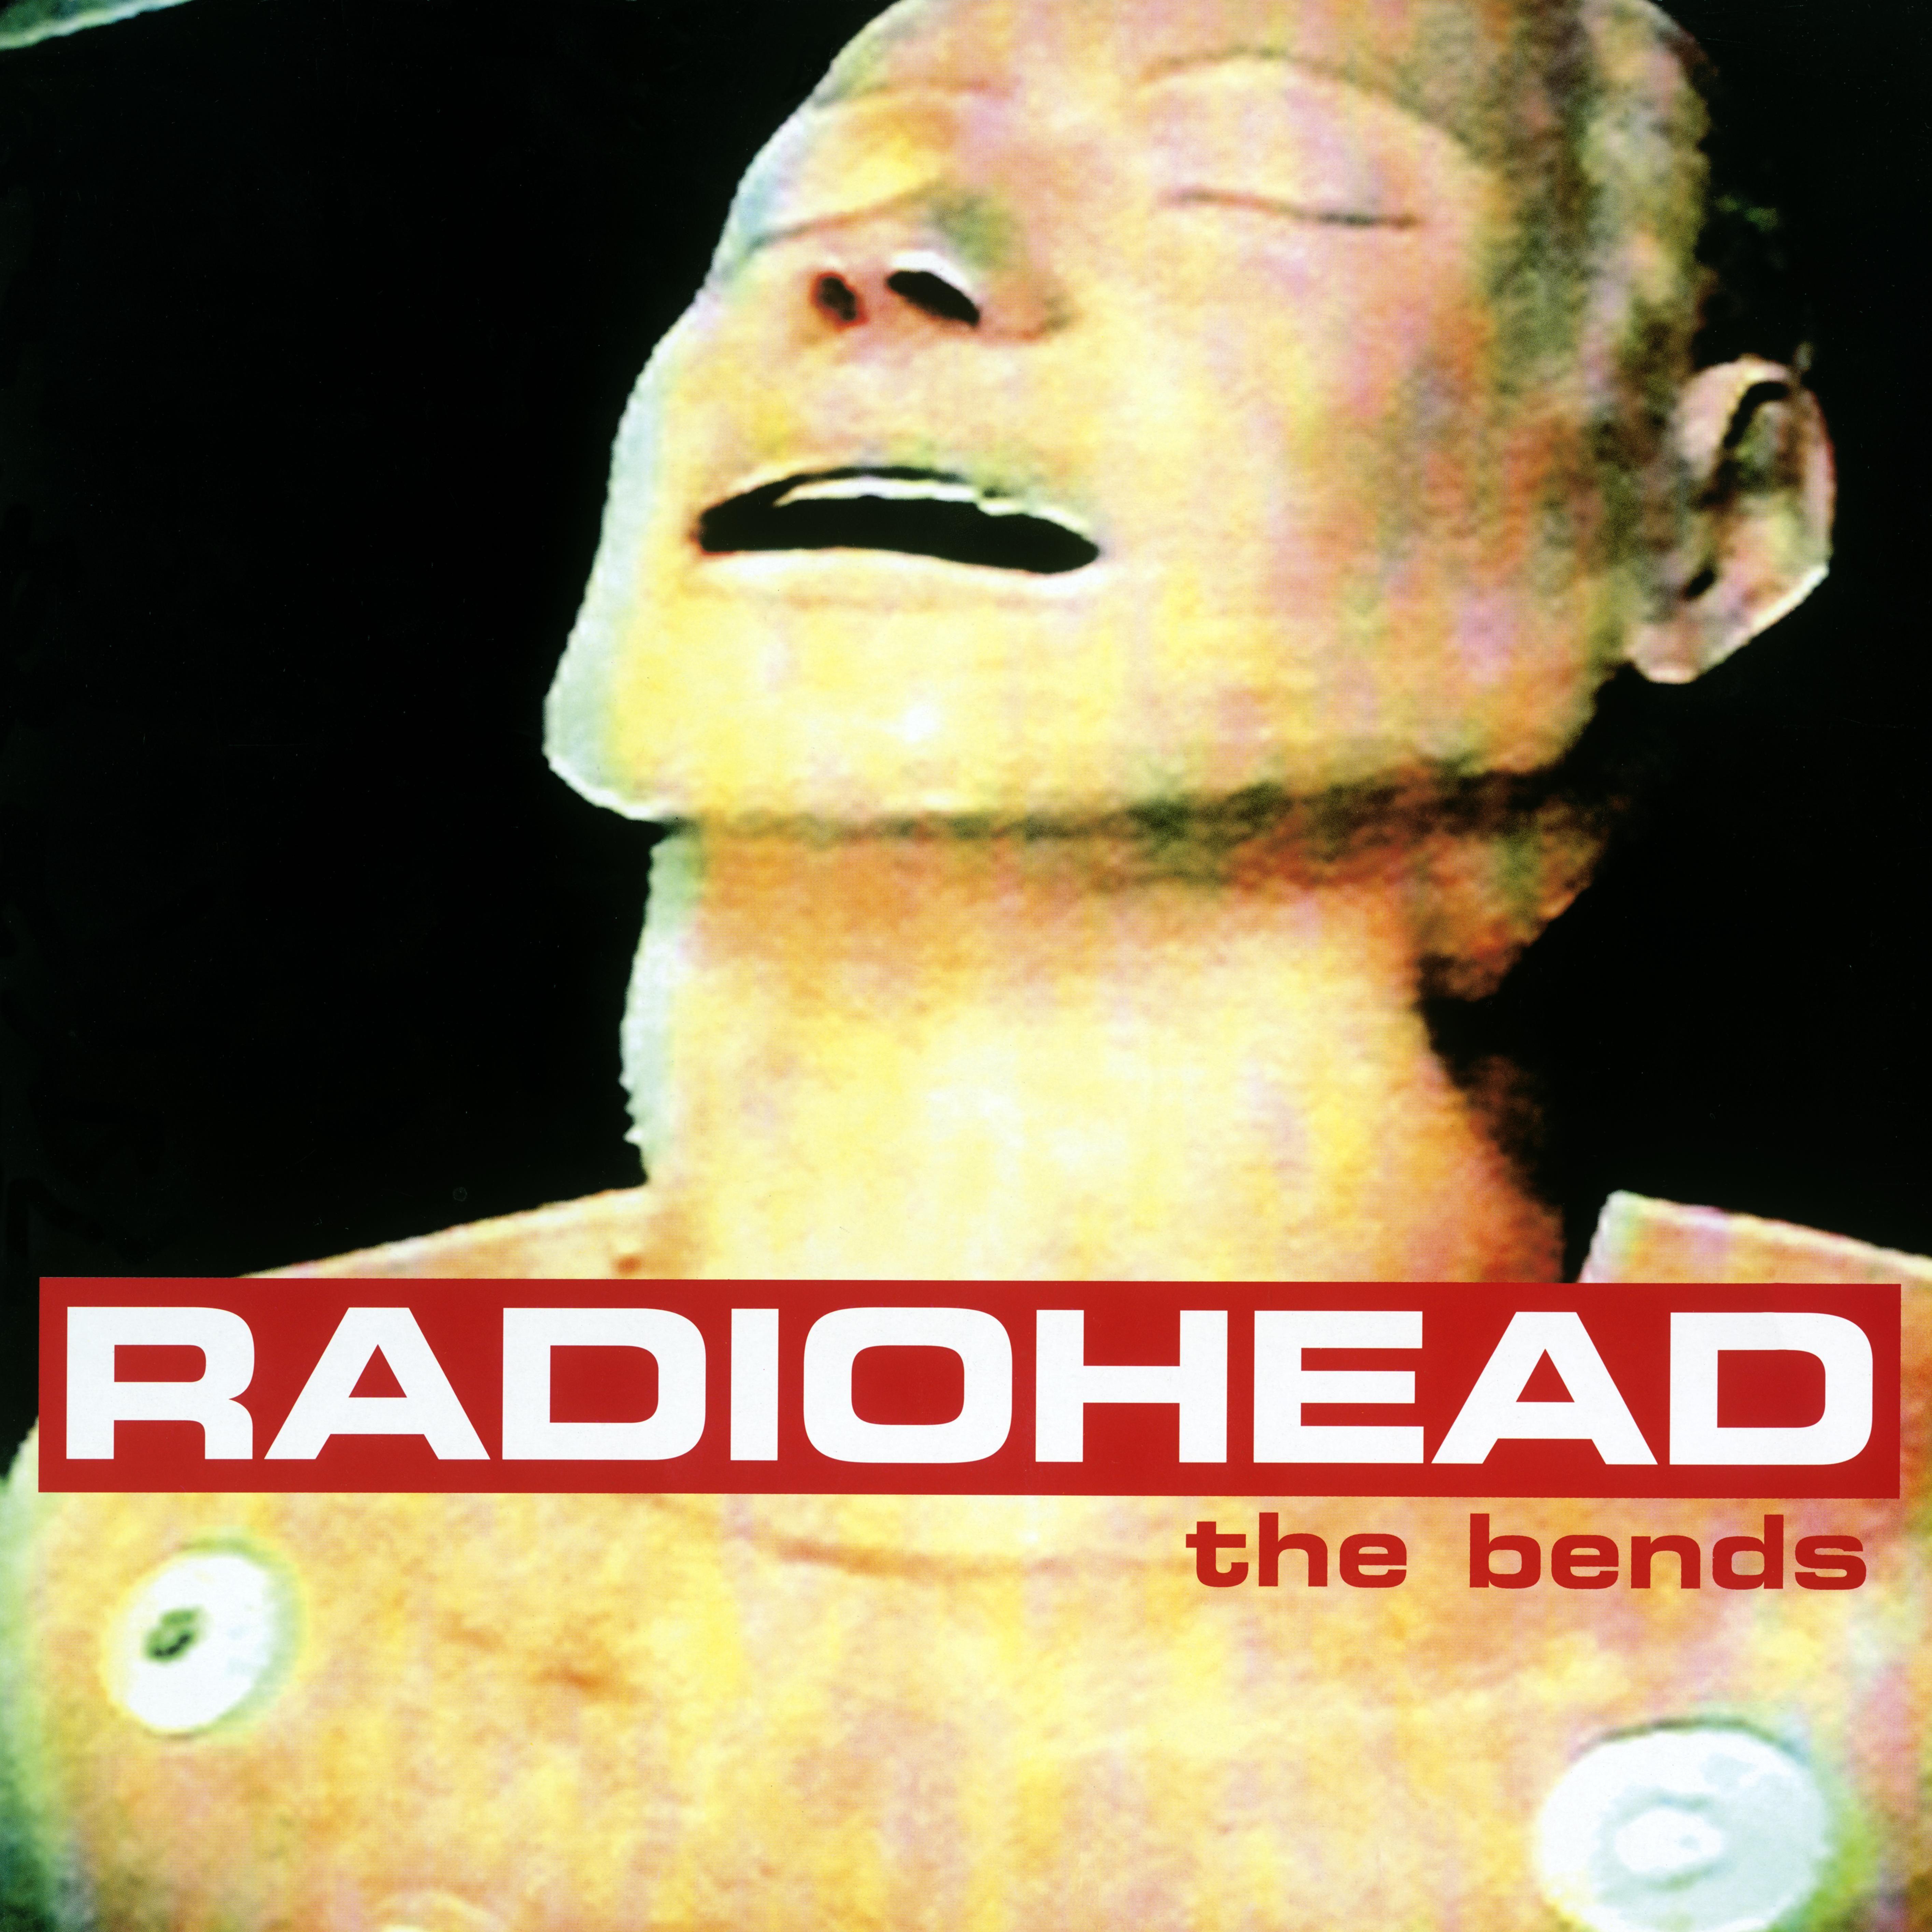 Radiohead The Bends Pochette album, Musique, Album